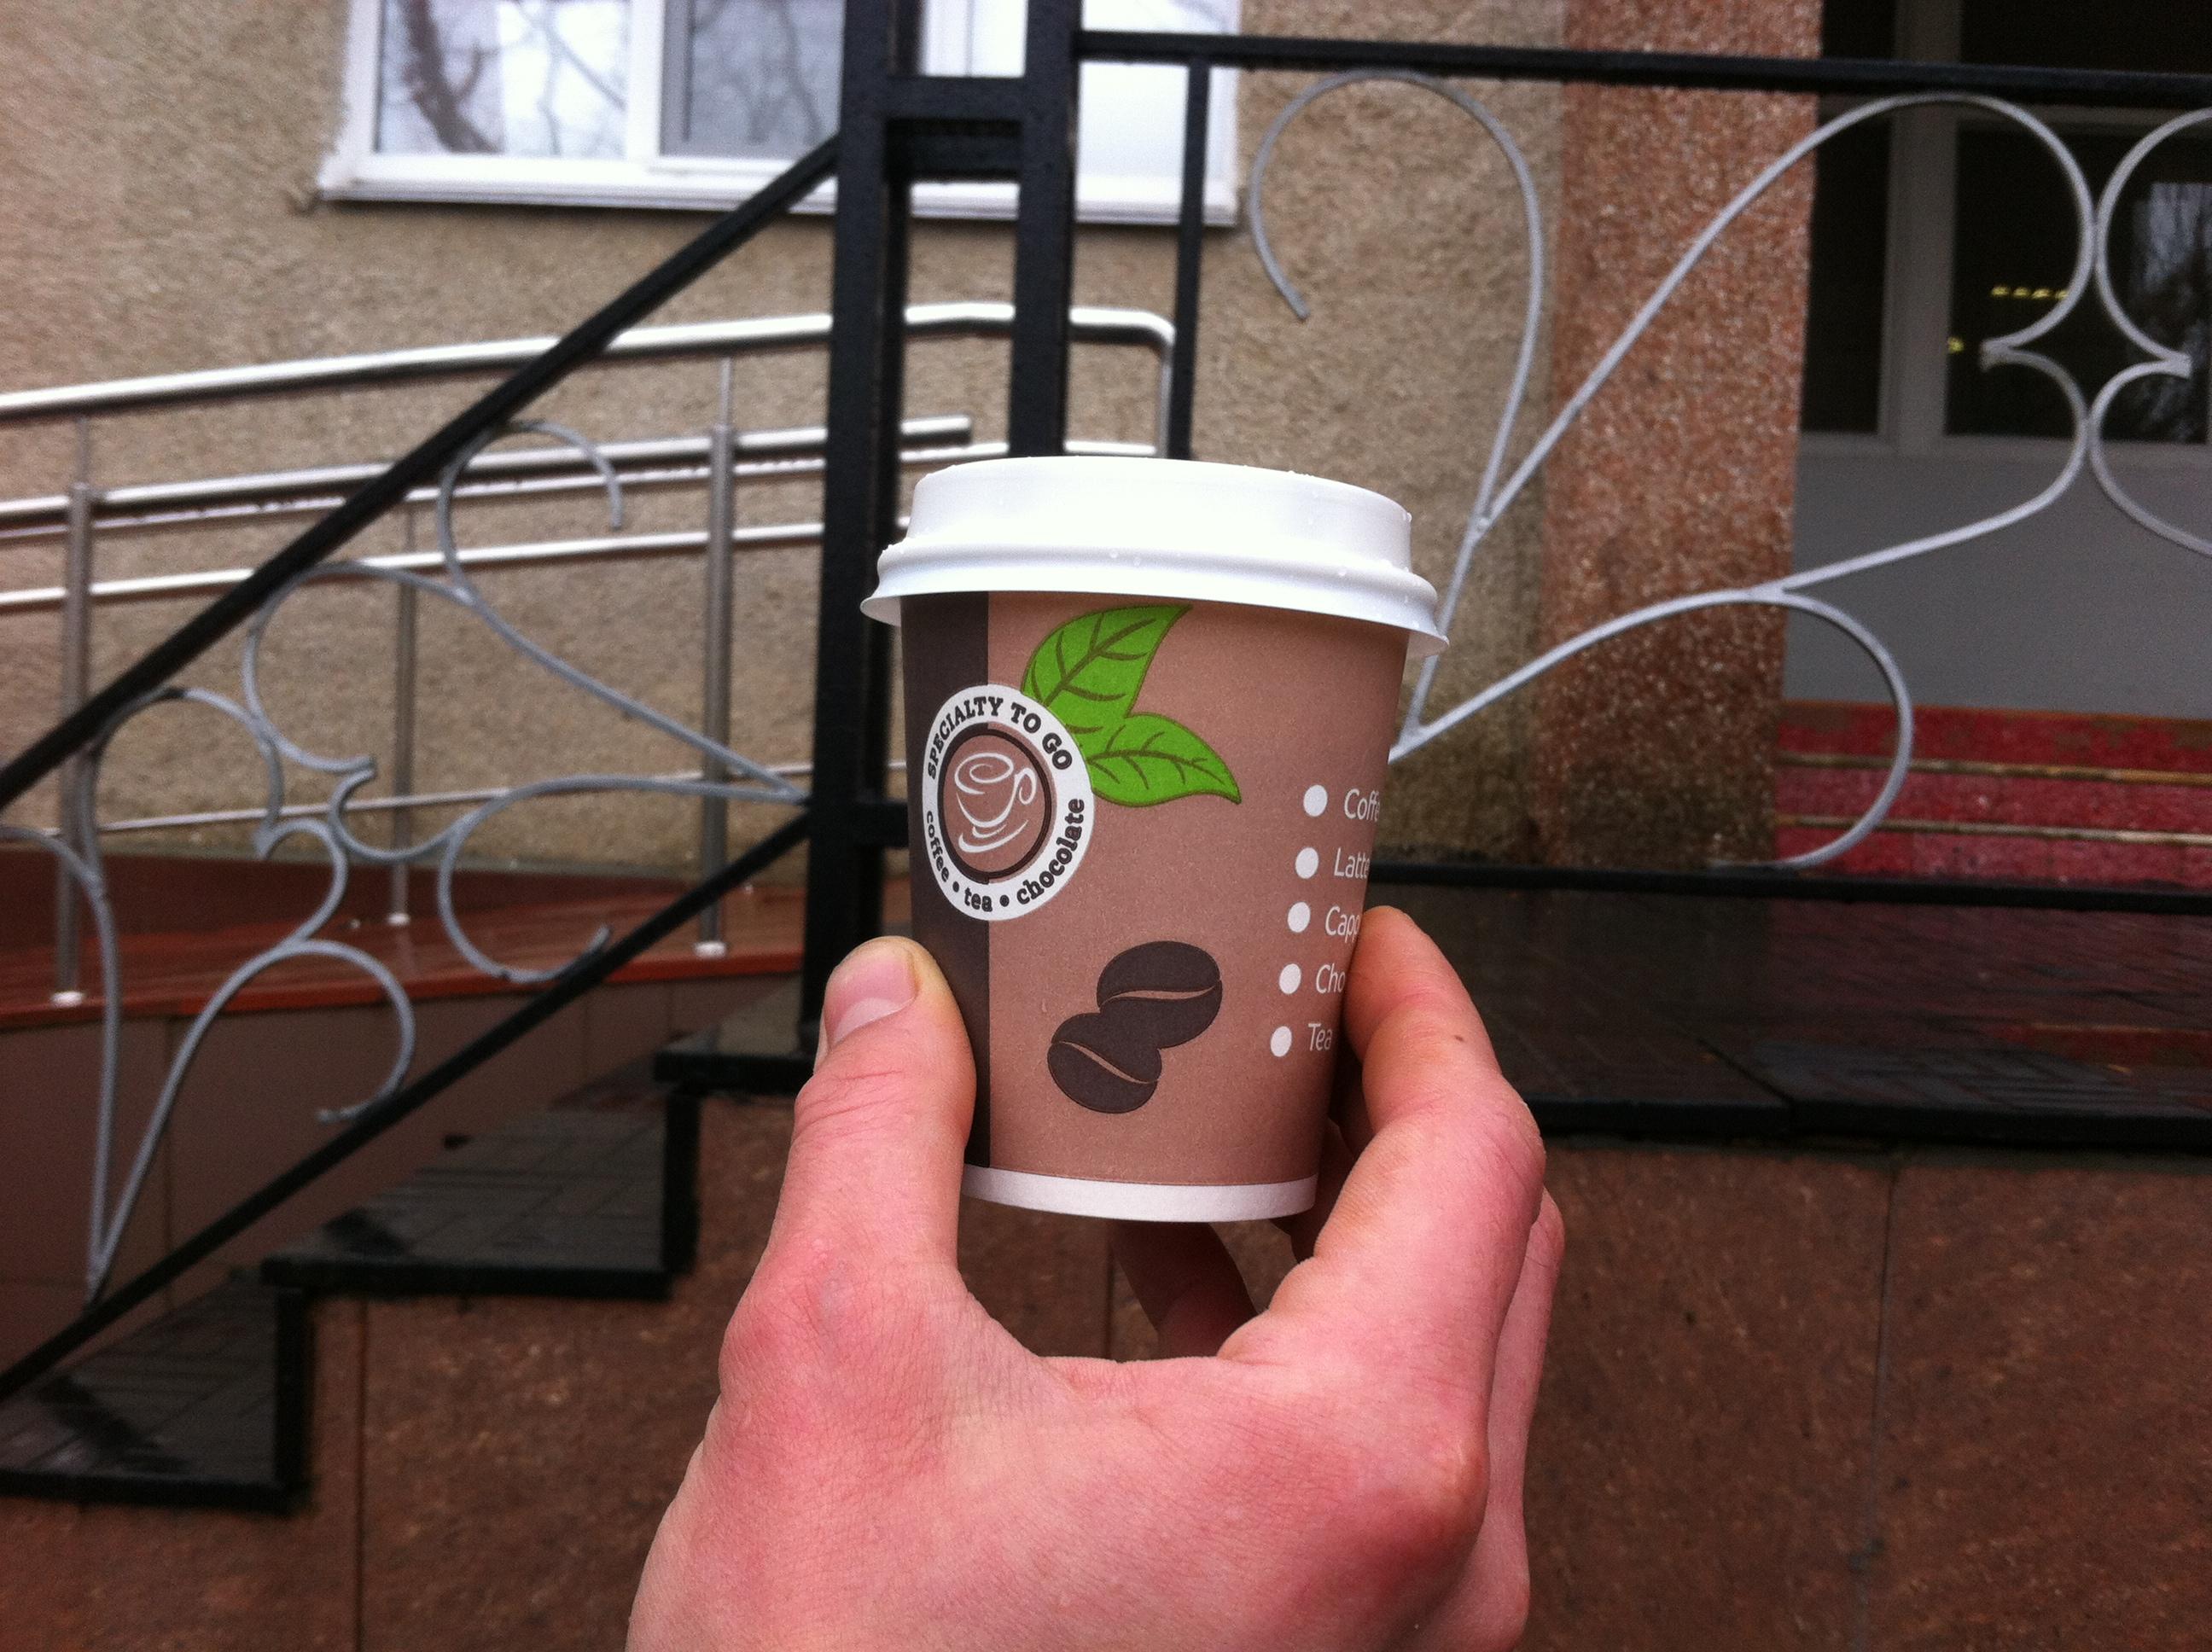 Где в Саранске варят  b лучший кофе   с nbsp собой     b  IMG_5016